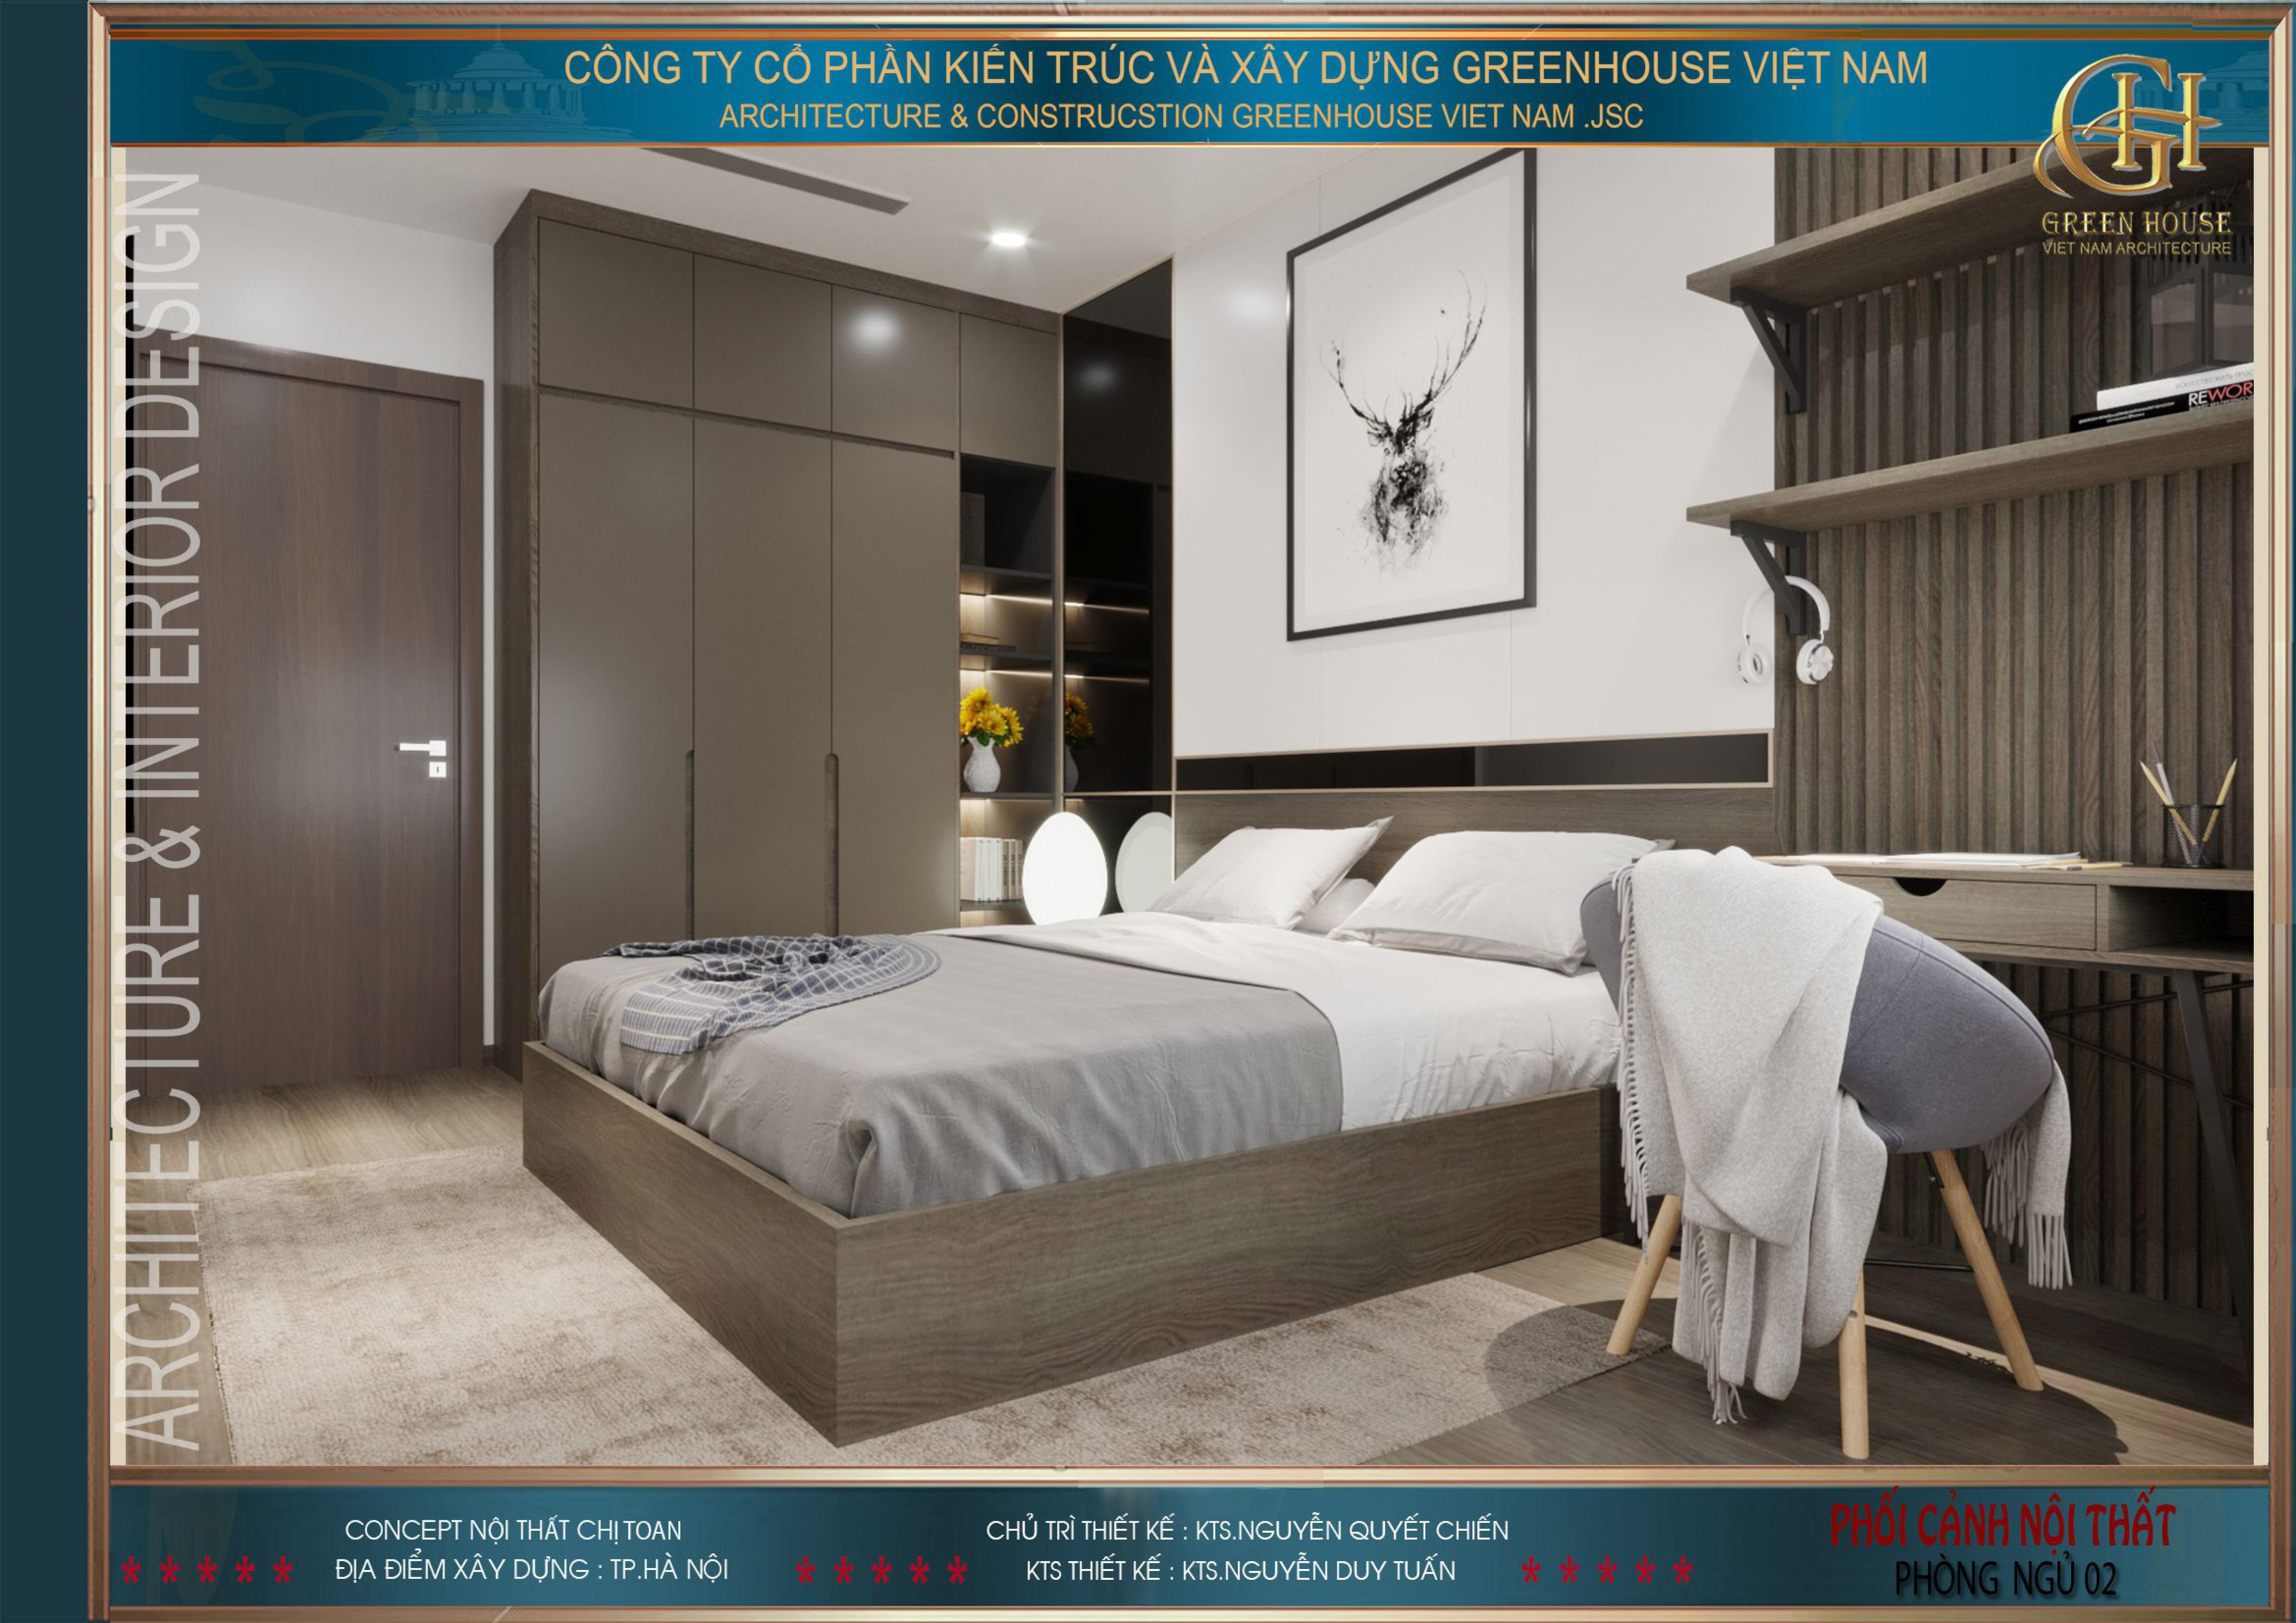 Phòng ngủ với những đường nét mạnh mẽ, dứt khoát và nam tính hơn